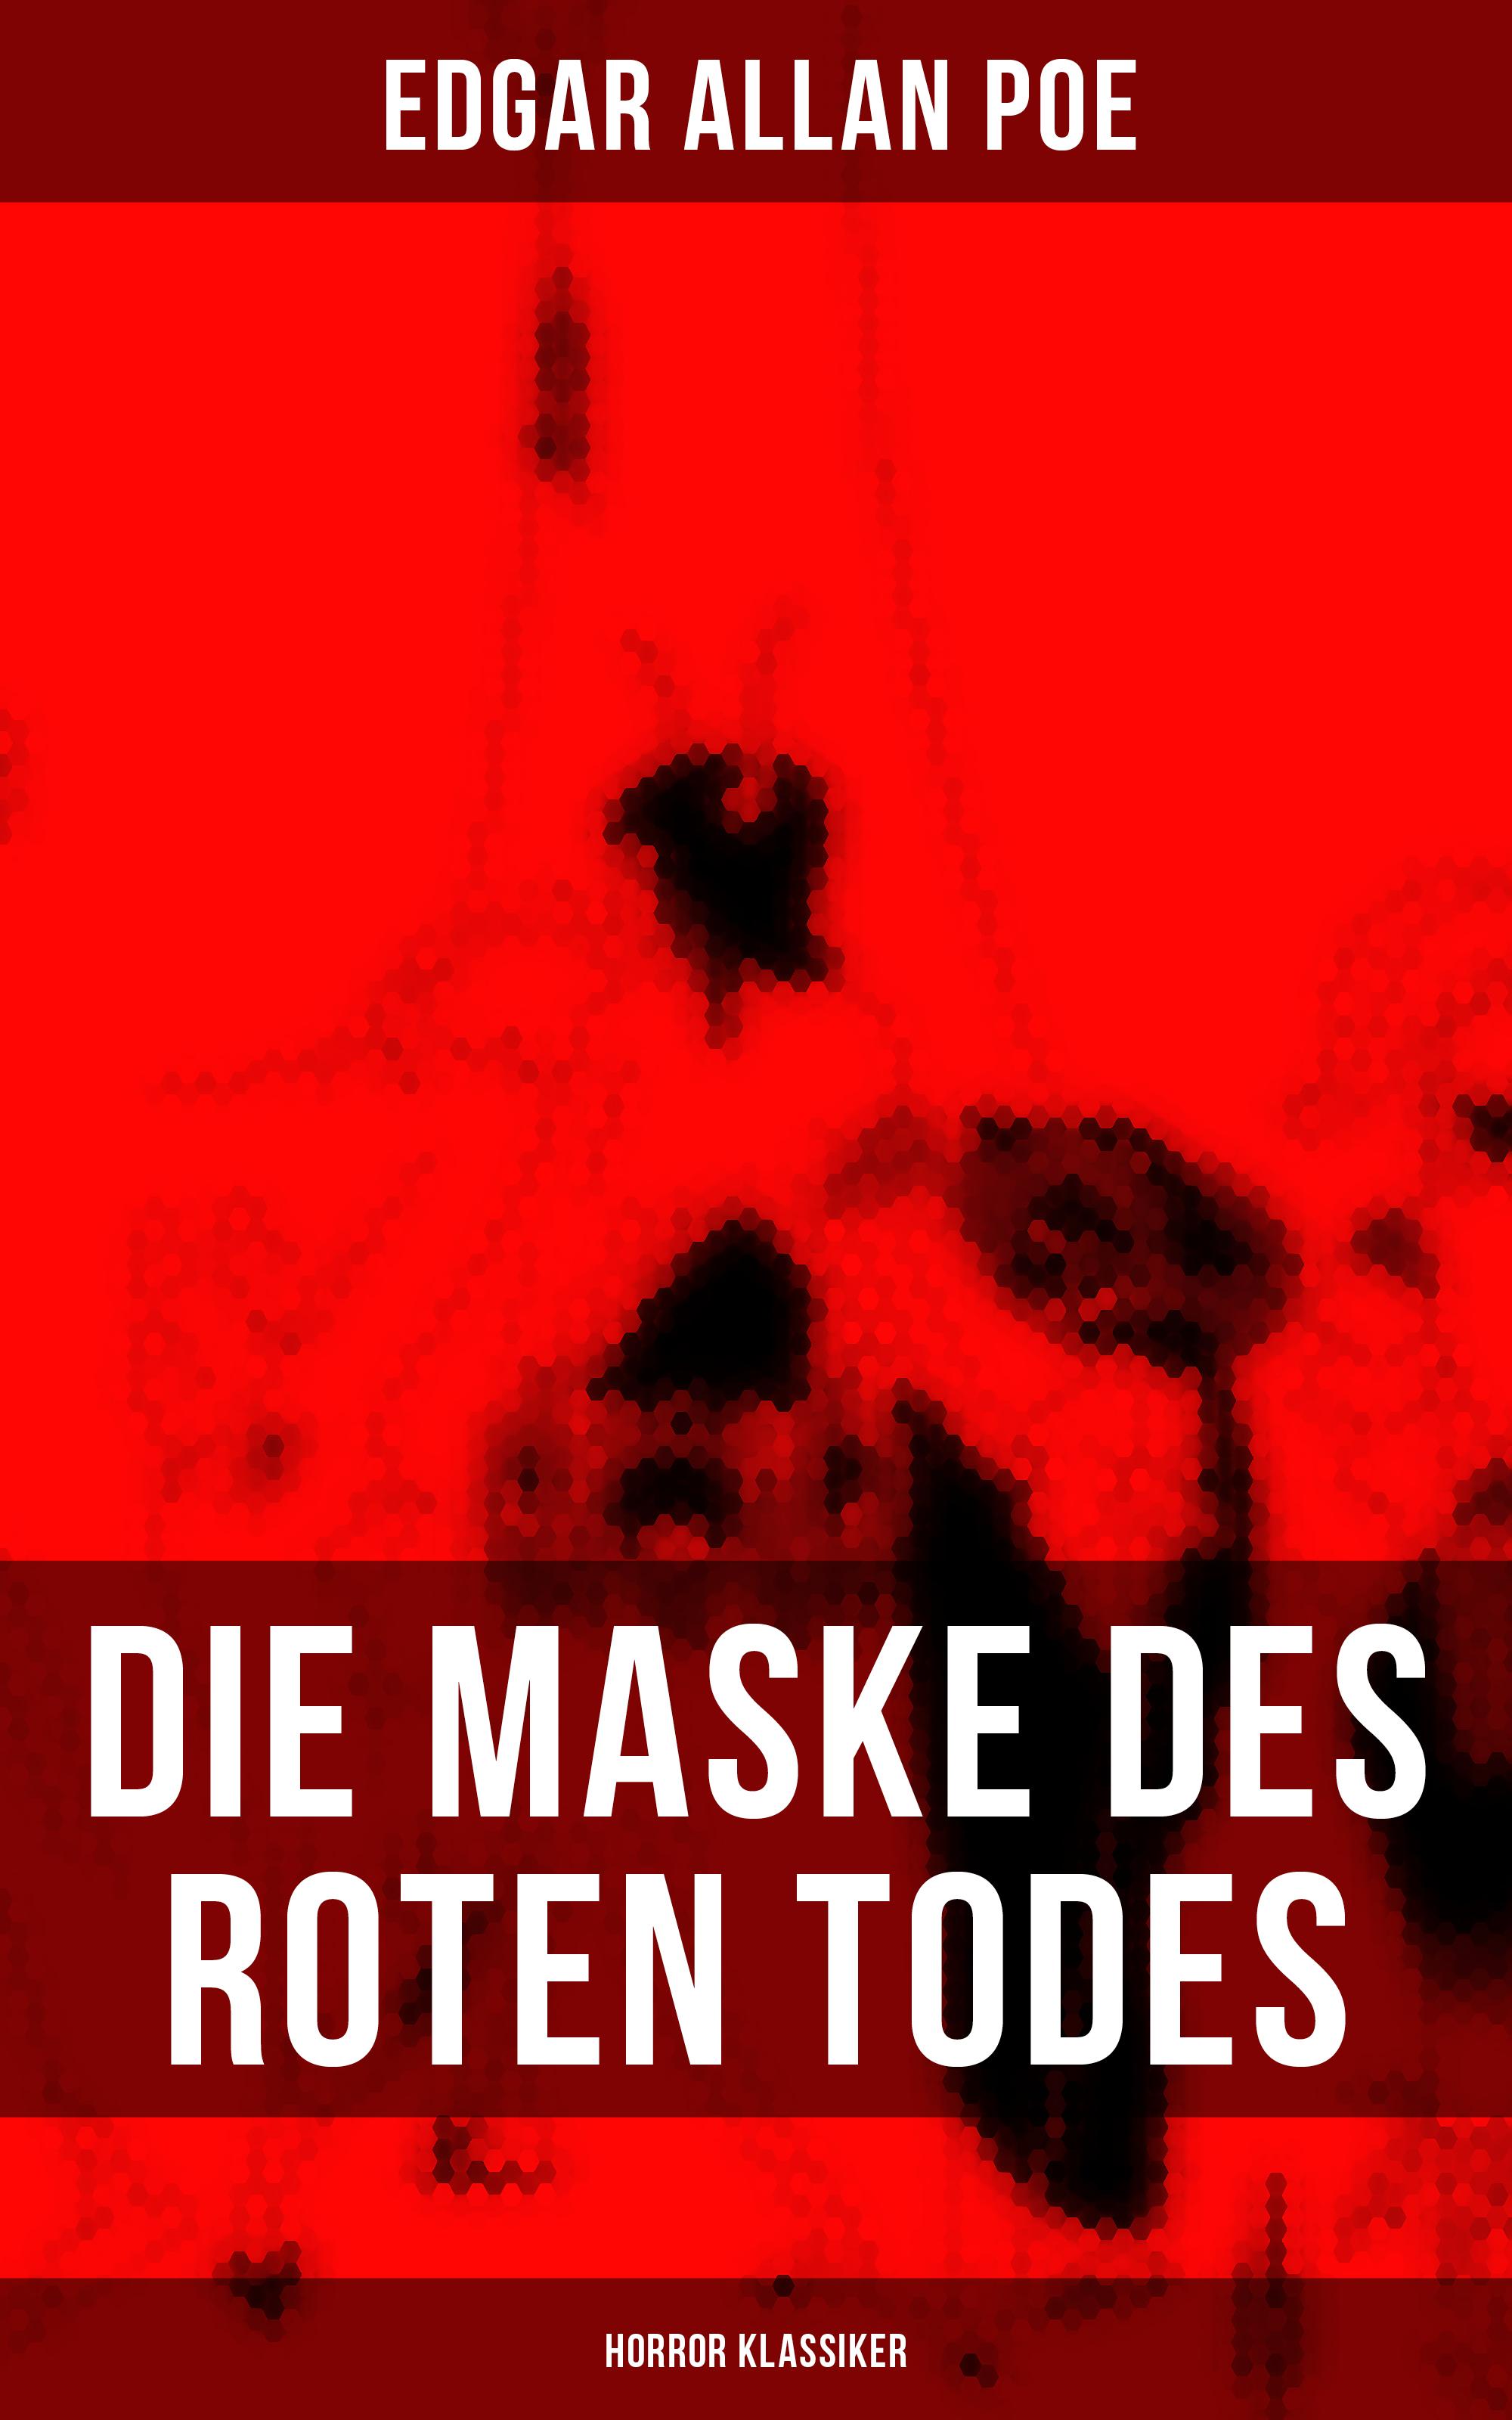 die maske des roten todes horror klassiker